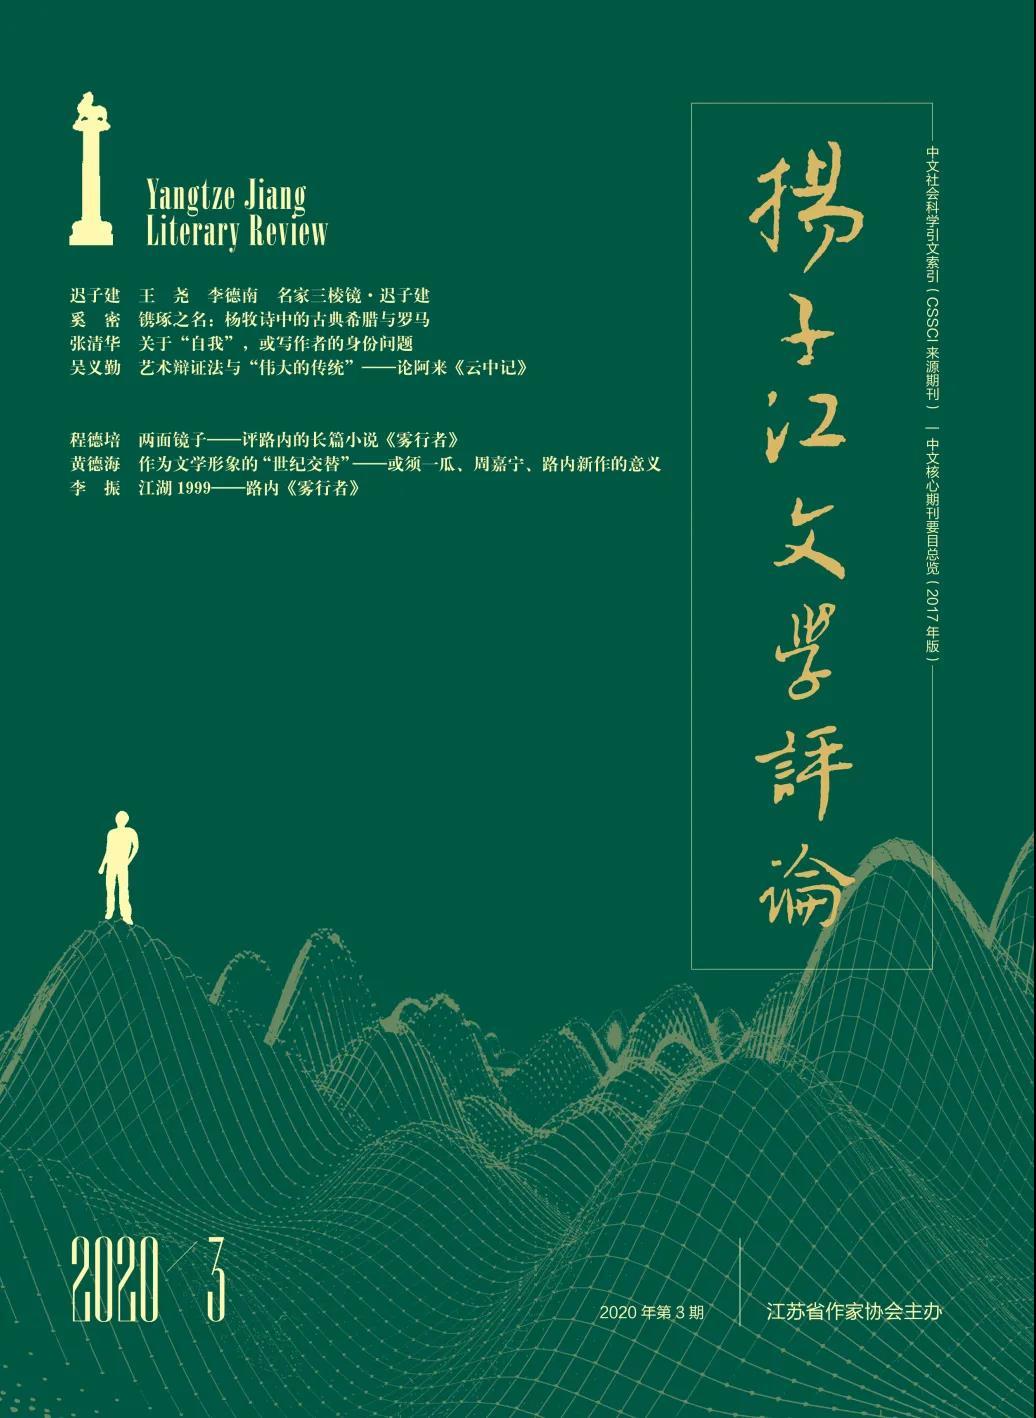 《揚子江文學評論》2020年第3期